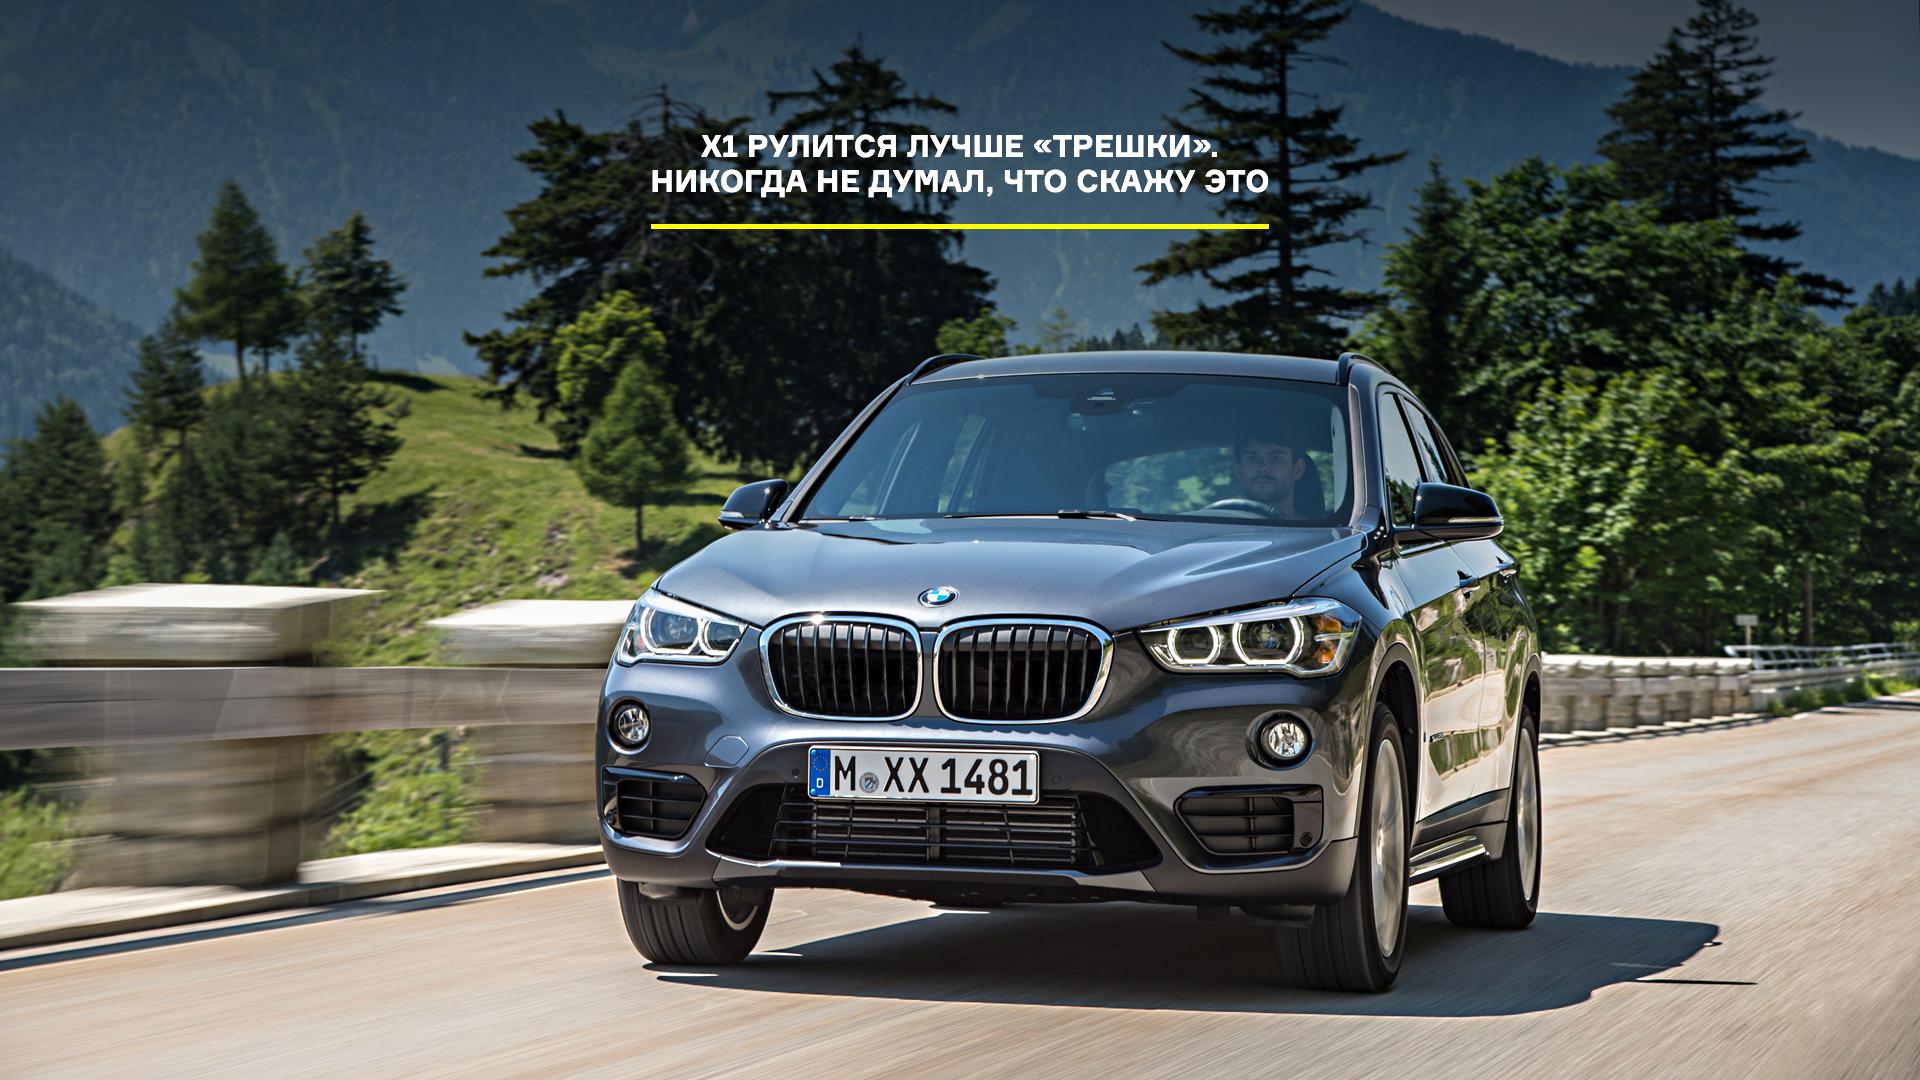 Одна эволюция и одна революция в мире BMW. Фото 6